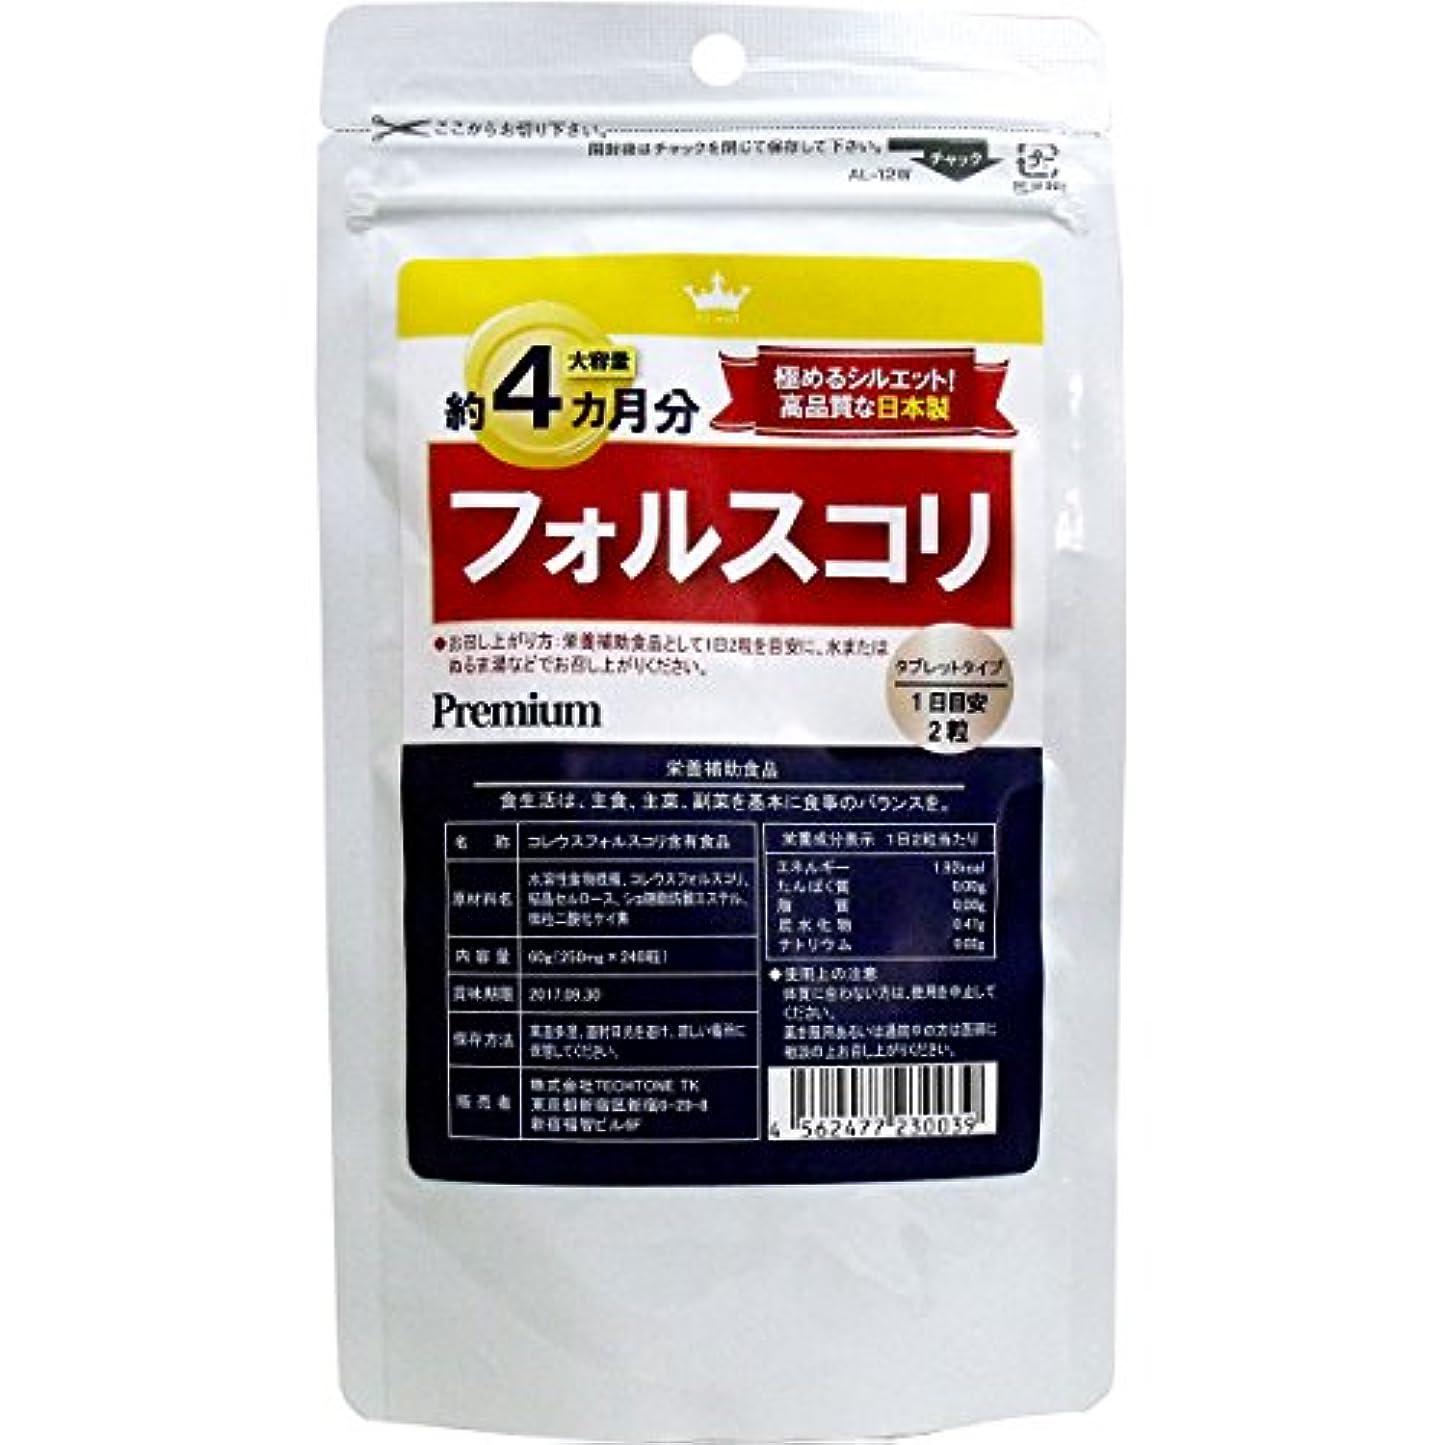 ハイキング公最大のサプリメント 高品質な日本製 健康食品 フォルスコリ 約4カ月分 240粒入【3個セット】